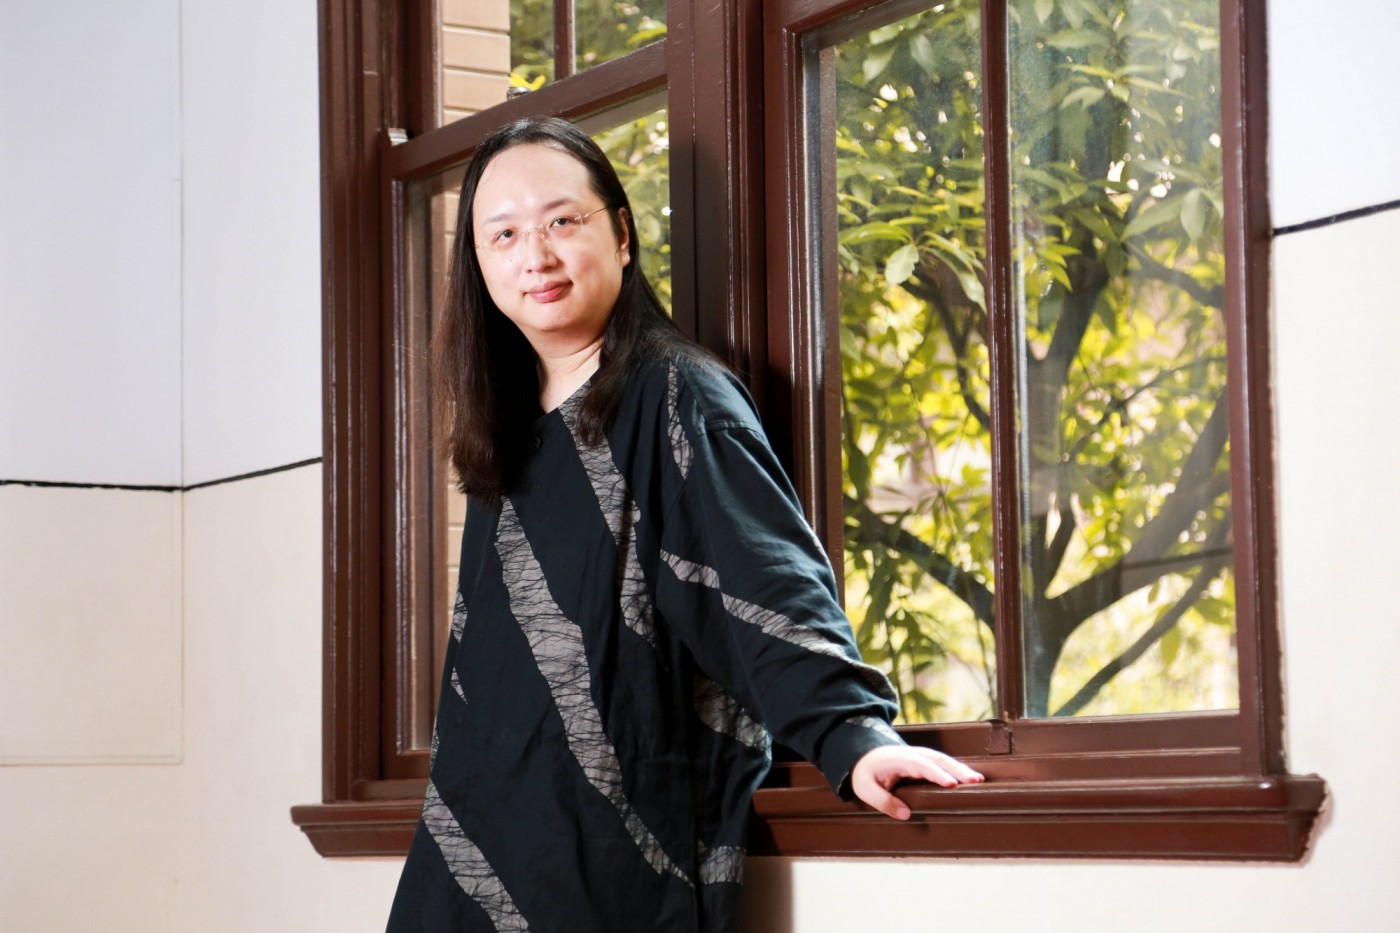 唐鳳CNN受訪談「台灣模式」!從護國神文到「一粒卡臣」⋯3段故事看官民合作的力量有多大?